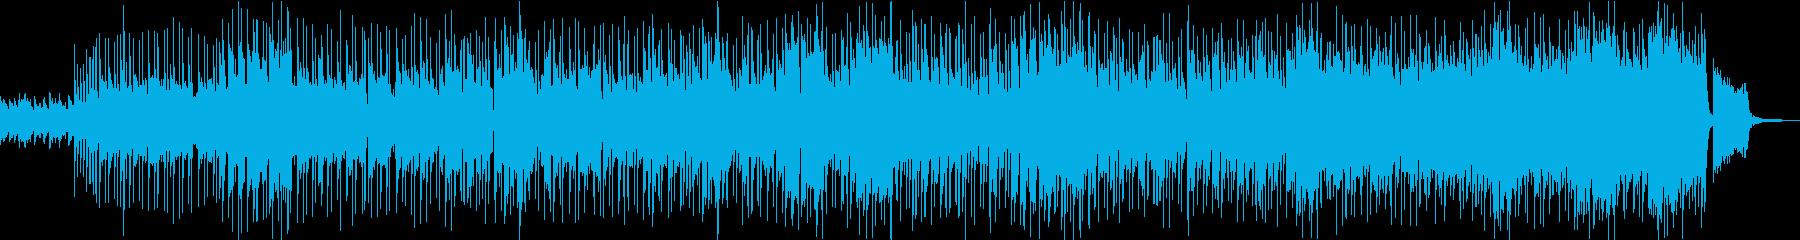 フルートとアコギ、ほのぼの日常系ポップスの再生済みの波形